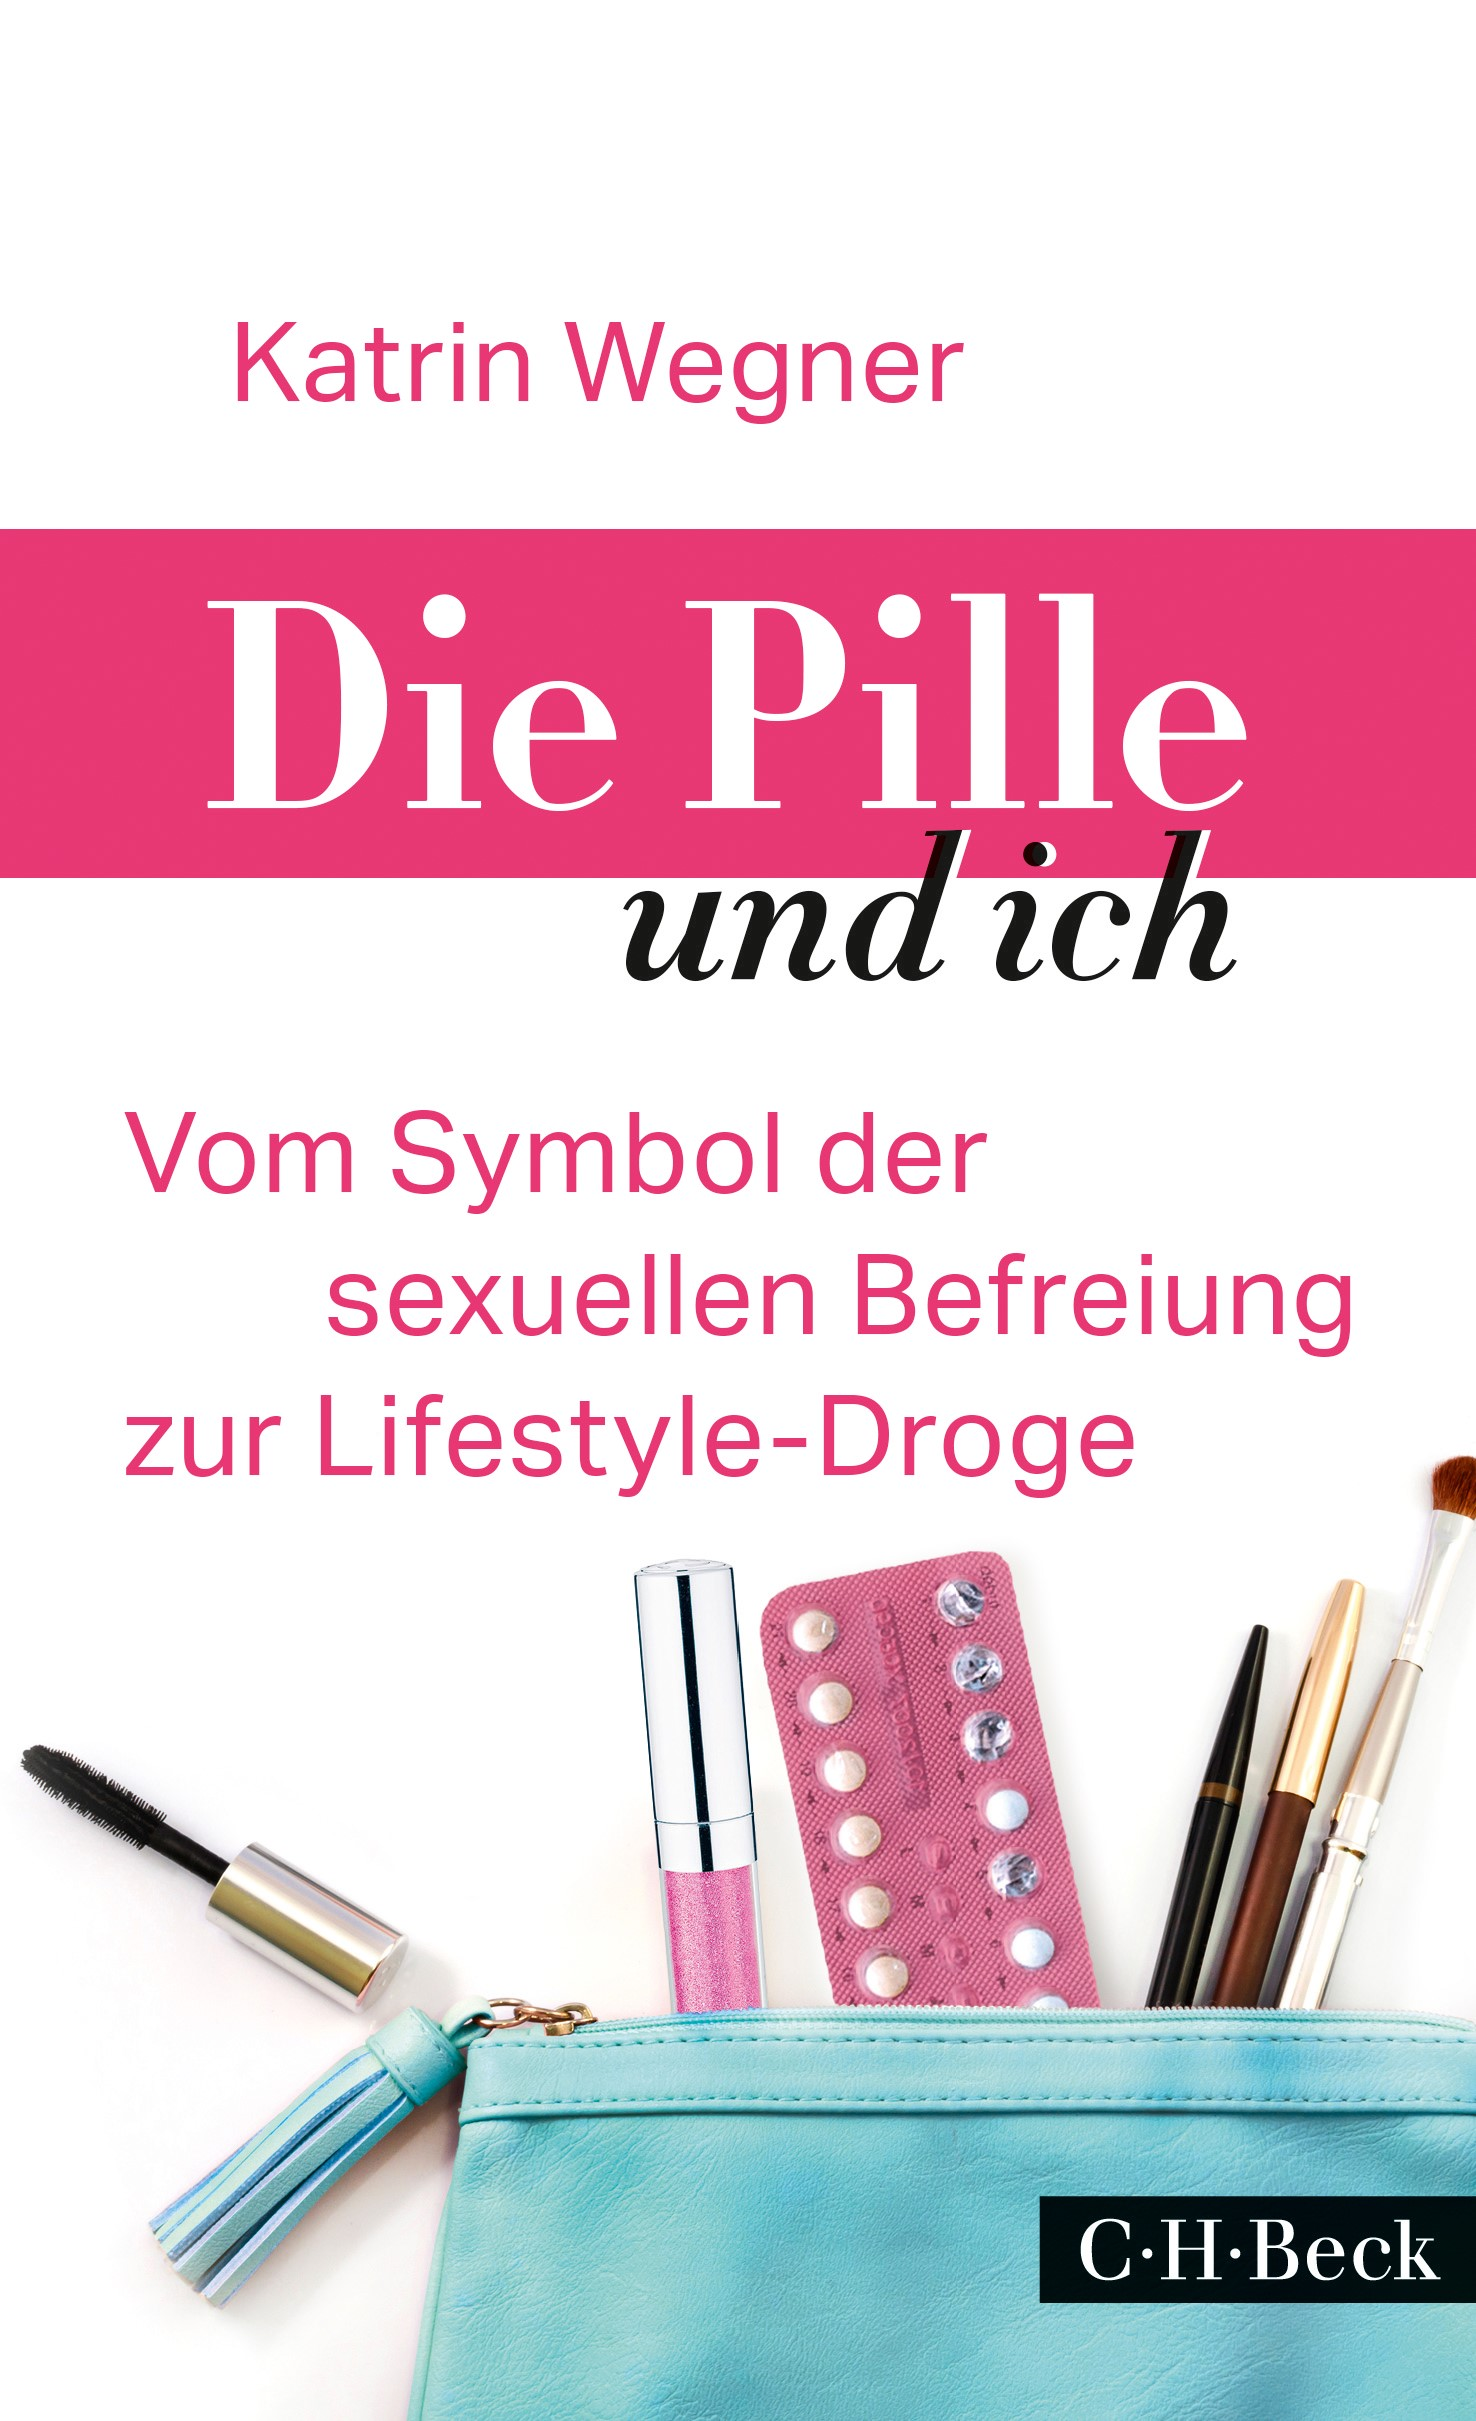 Cover des Buches 'Die Pille und ich'